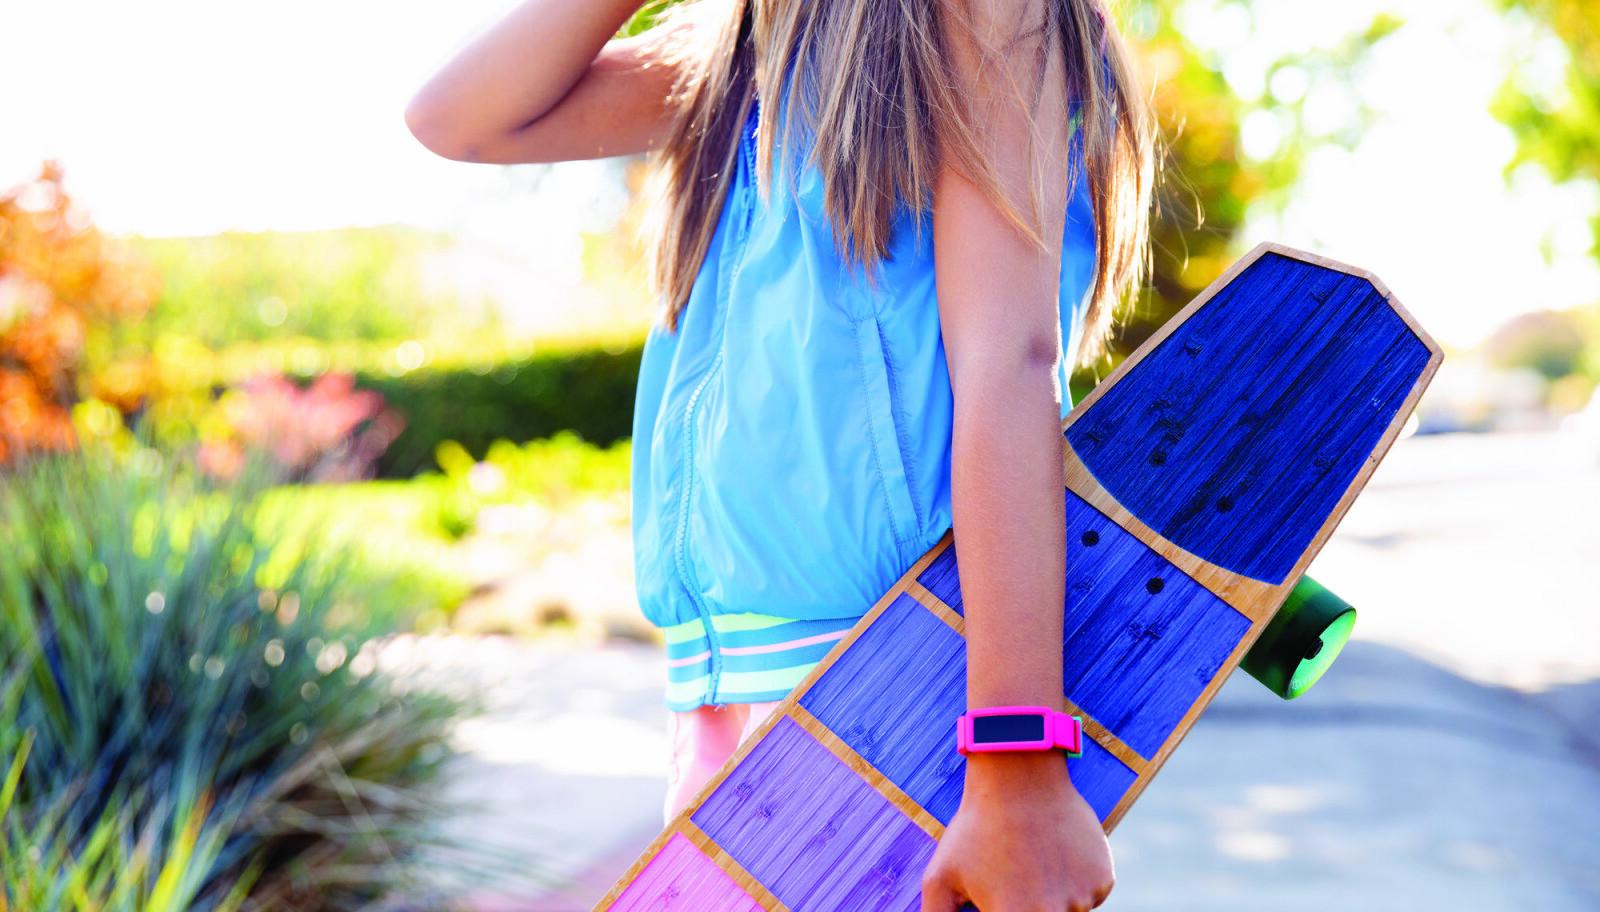 <b>FITBIT ACE 2:</b> Fitbit oppdater tilbudet til barn. Fitbit Ace 2 er et fullverdig aktivitetsarmbånd for barn. Det tåler tøff bruk, inkludert en tur i svømmebassenget.